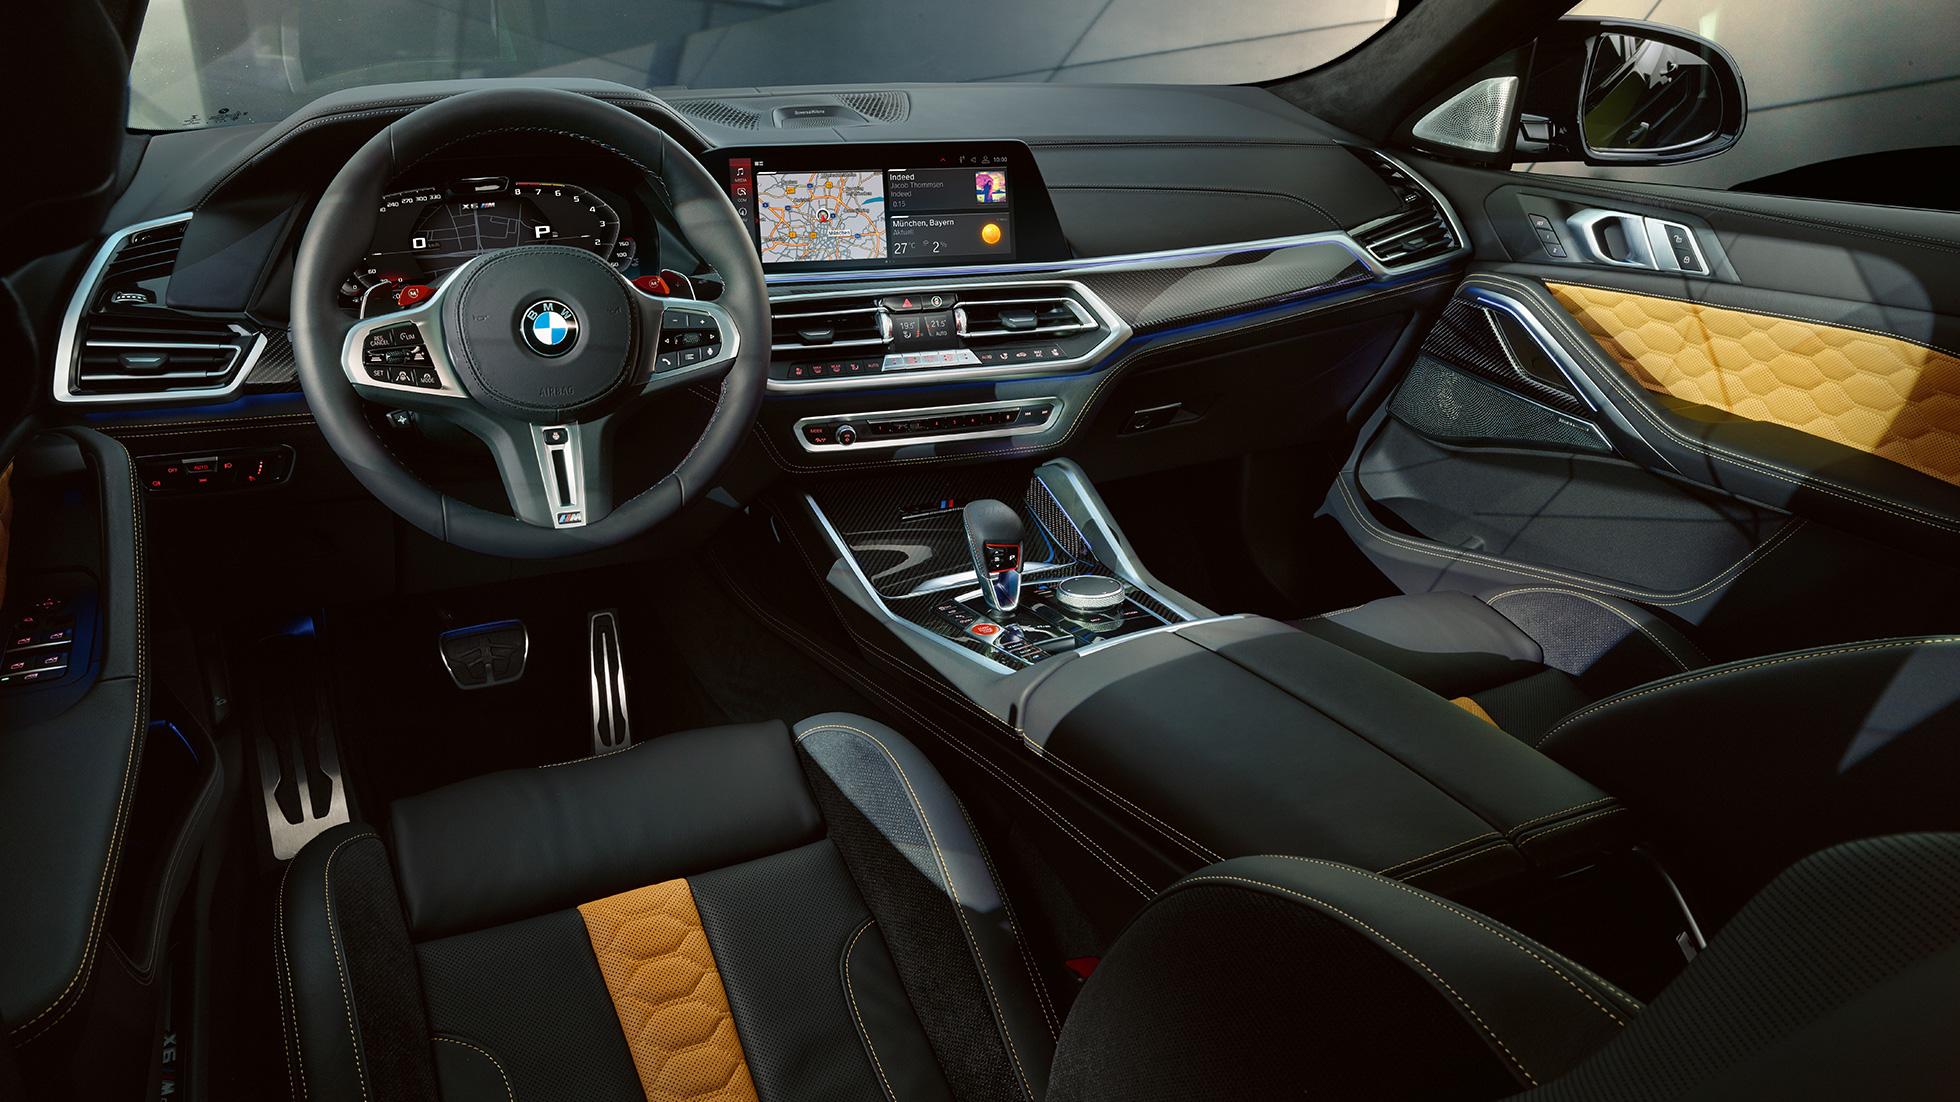 Bmw X6 M Automobile Modelle Technische Daten Preise Bmw De